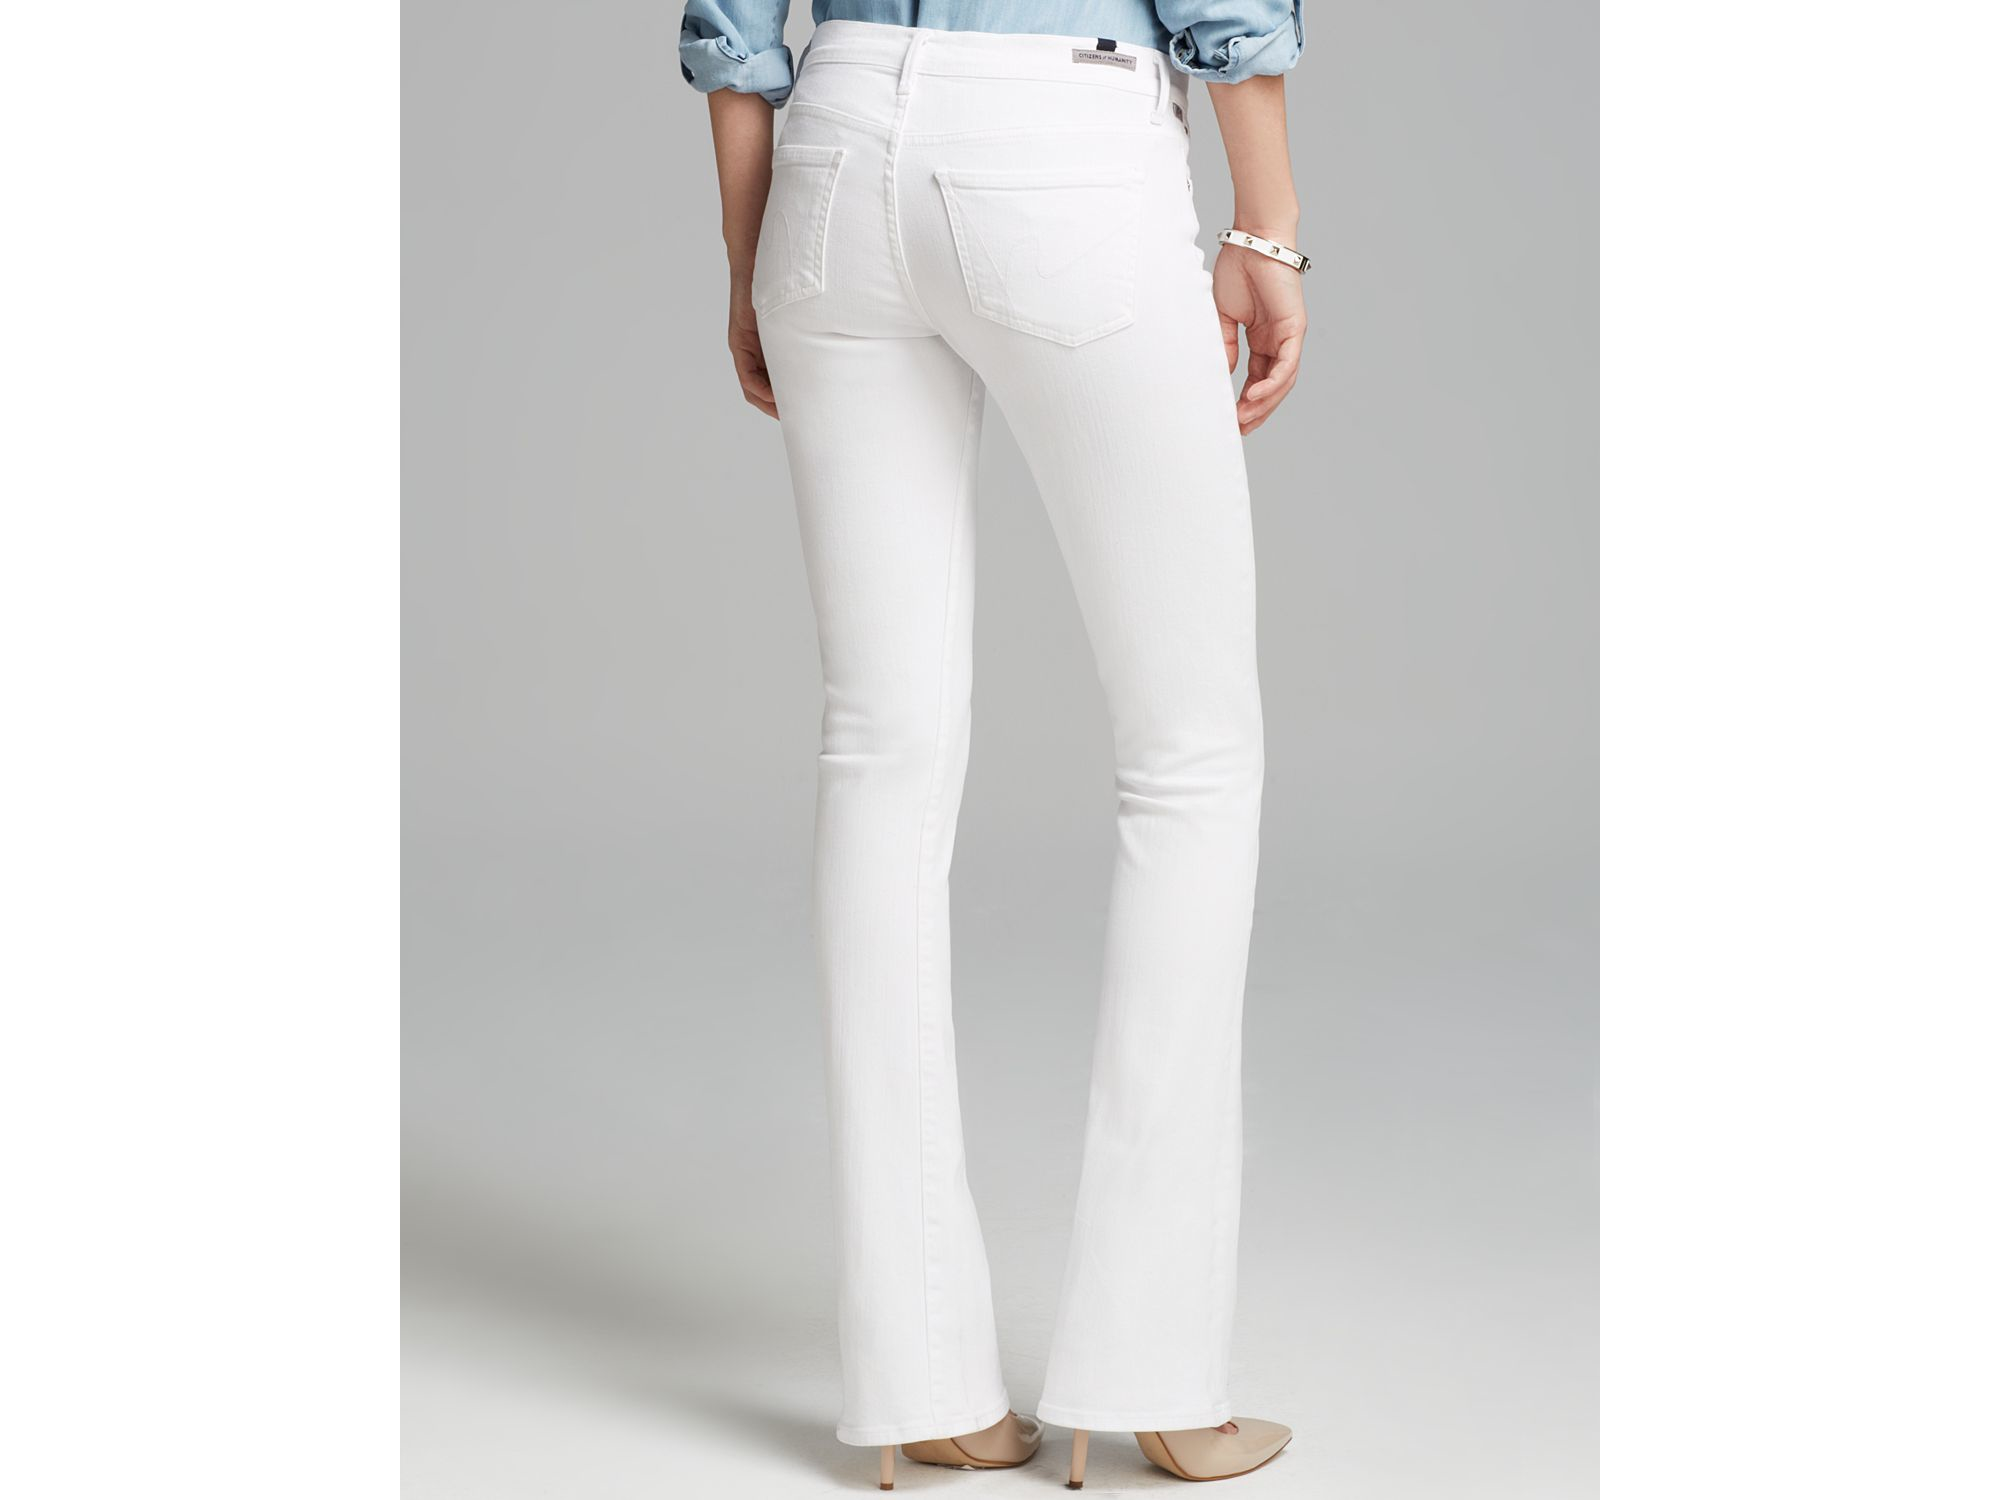 bootcut white jeans - Jean Yu Beauty